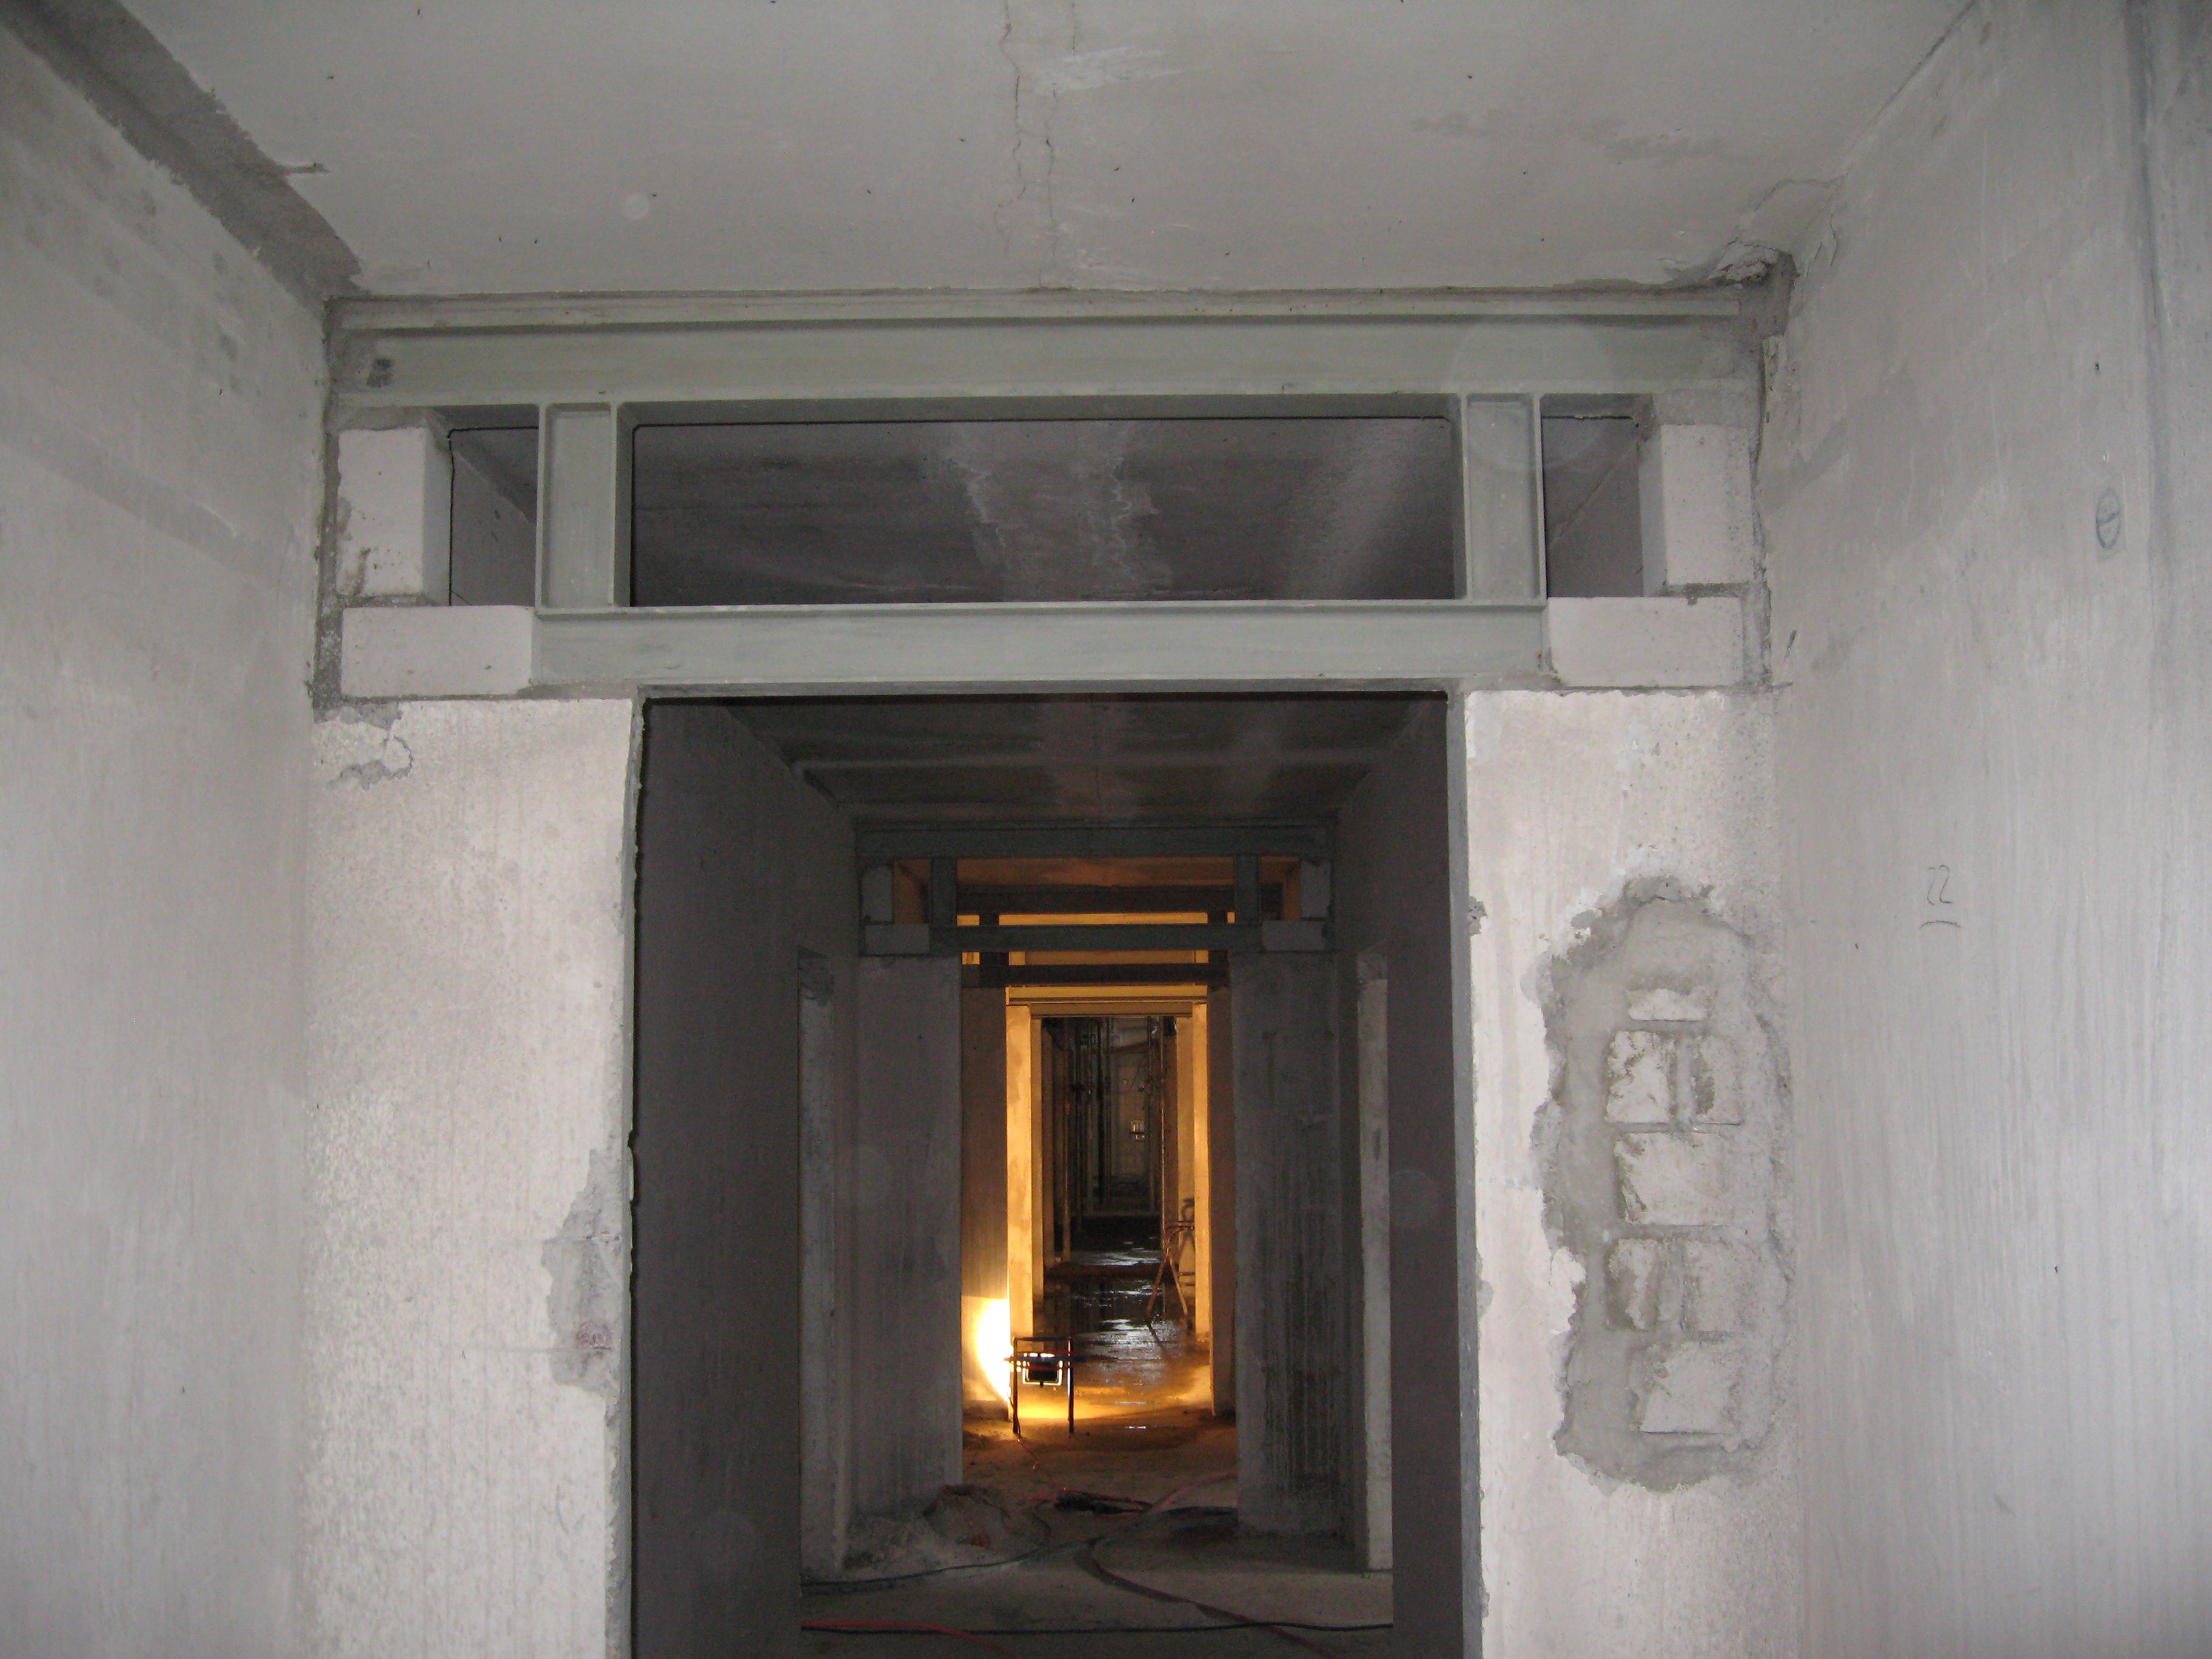 Wir Helfen Ihnen Dabei Ihr Haus Optimal Umzurüsten Und Den  Brandschutzauflagen Anzupassen, Sowie Zu Isolieren Und Schallgeschützt Zu  Entwickeln.